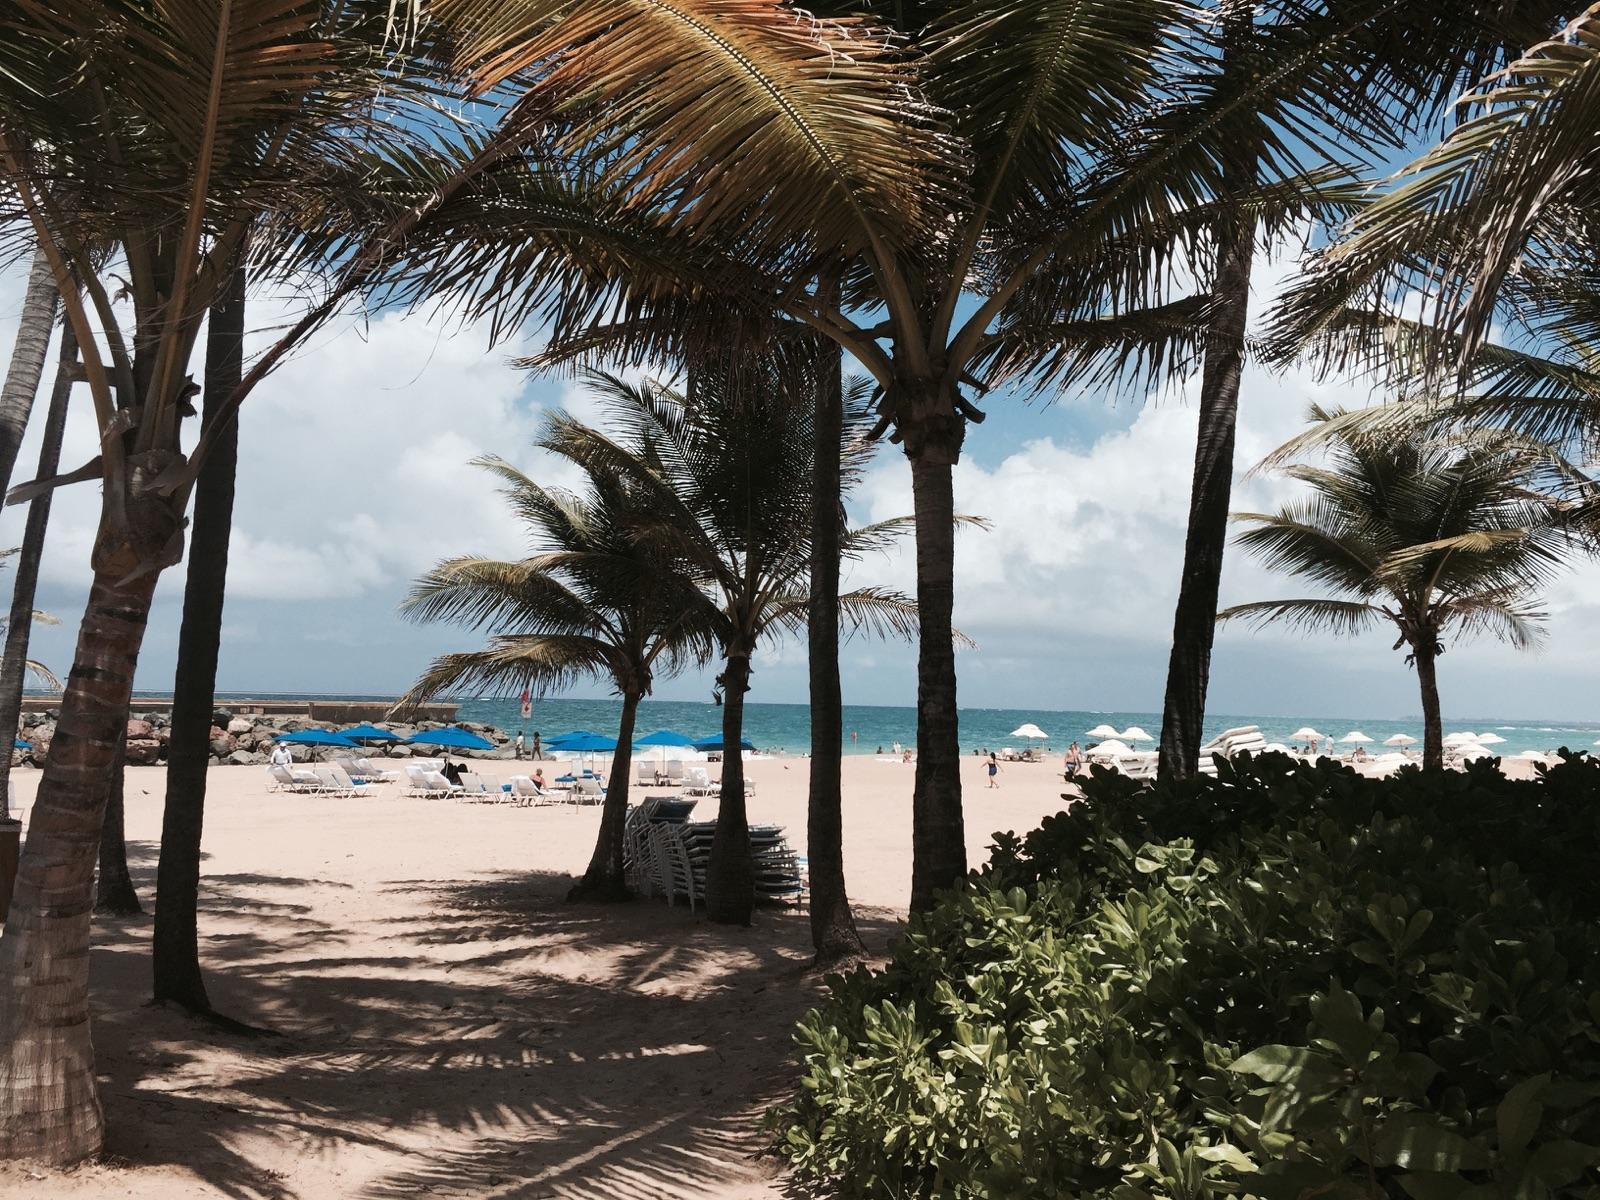 Condabo Beach, Puerto Rico